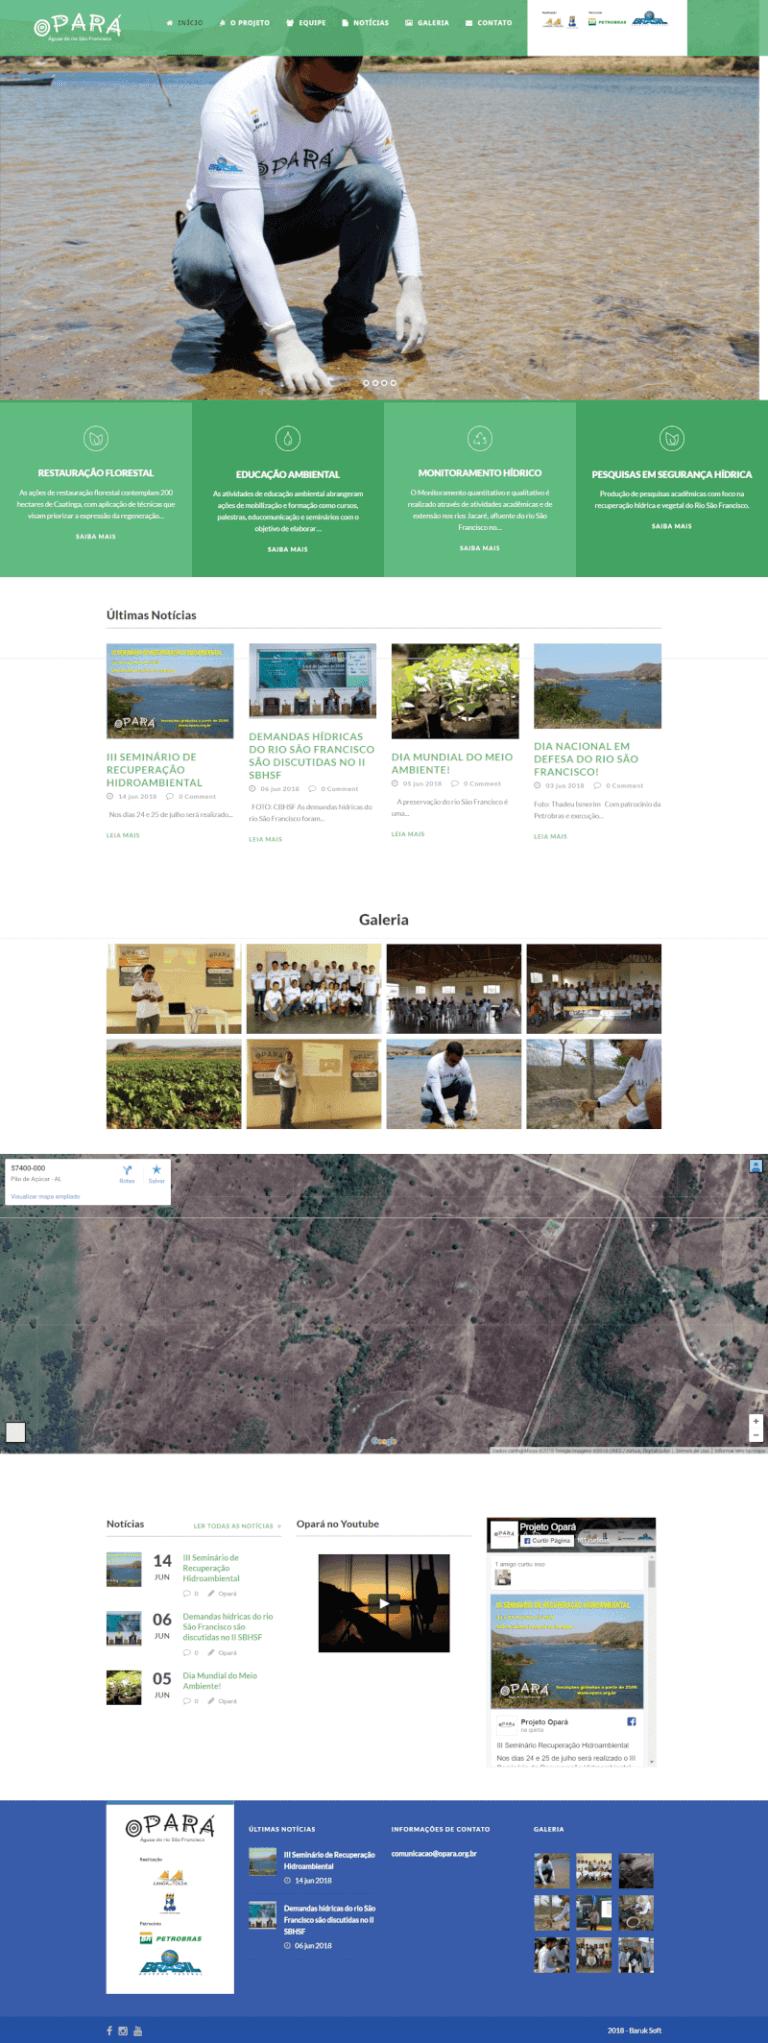 Site do projeto Opará